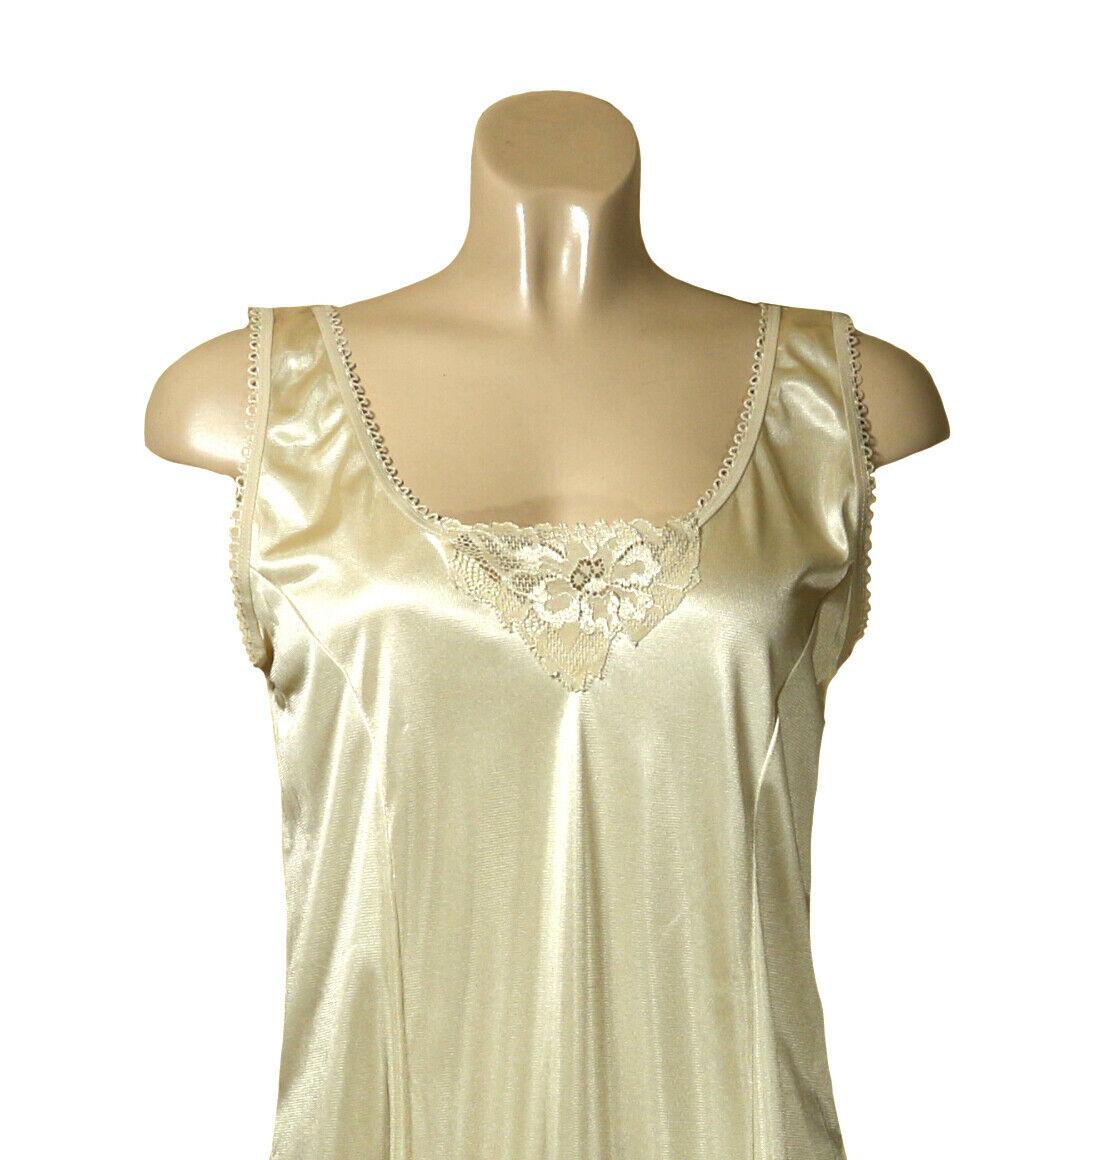 2 Damen Unterkleider Unterröcke in hautfarben Größe 52/54  Sonderpreis